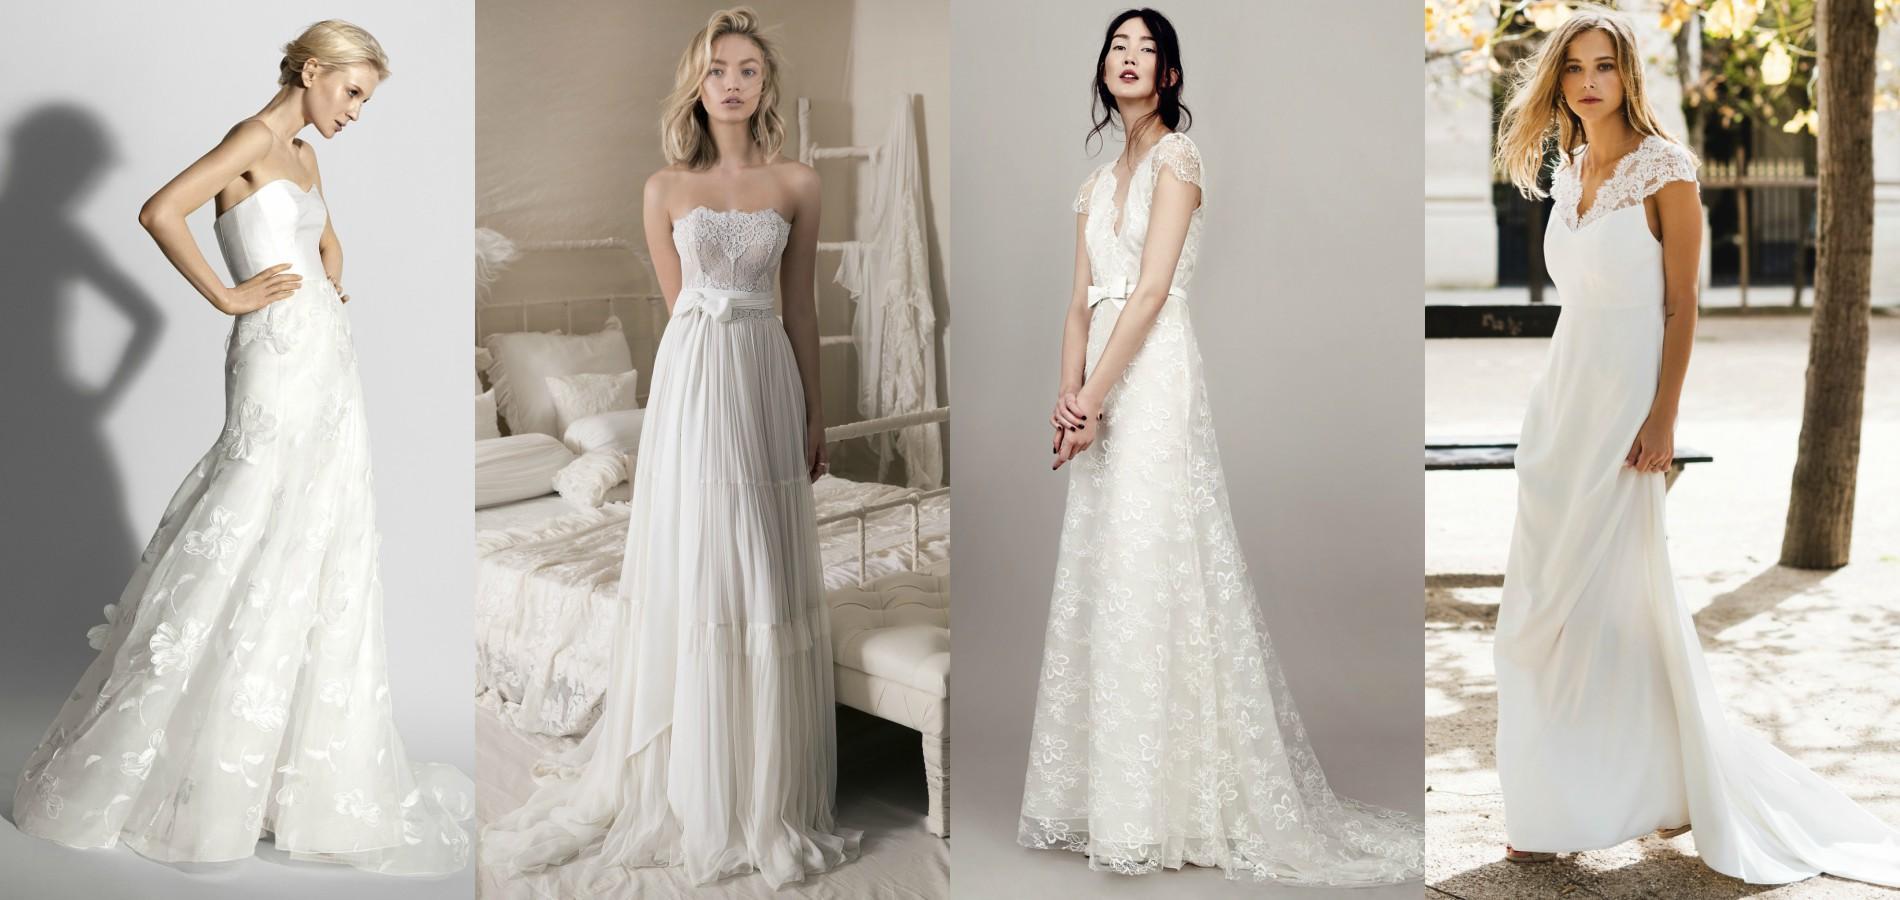 357644de24fd9 Quelle robe de mariée choisir lorsque l on a une forte poitrine ...